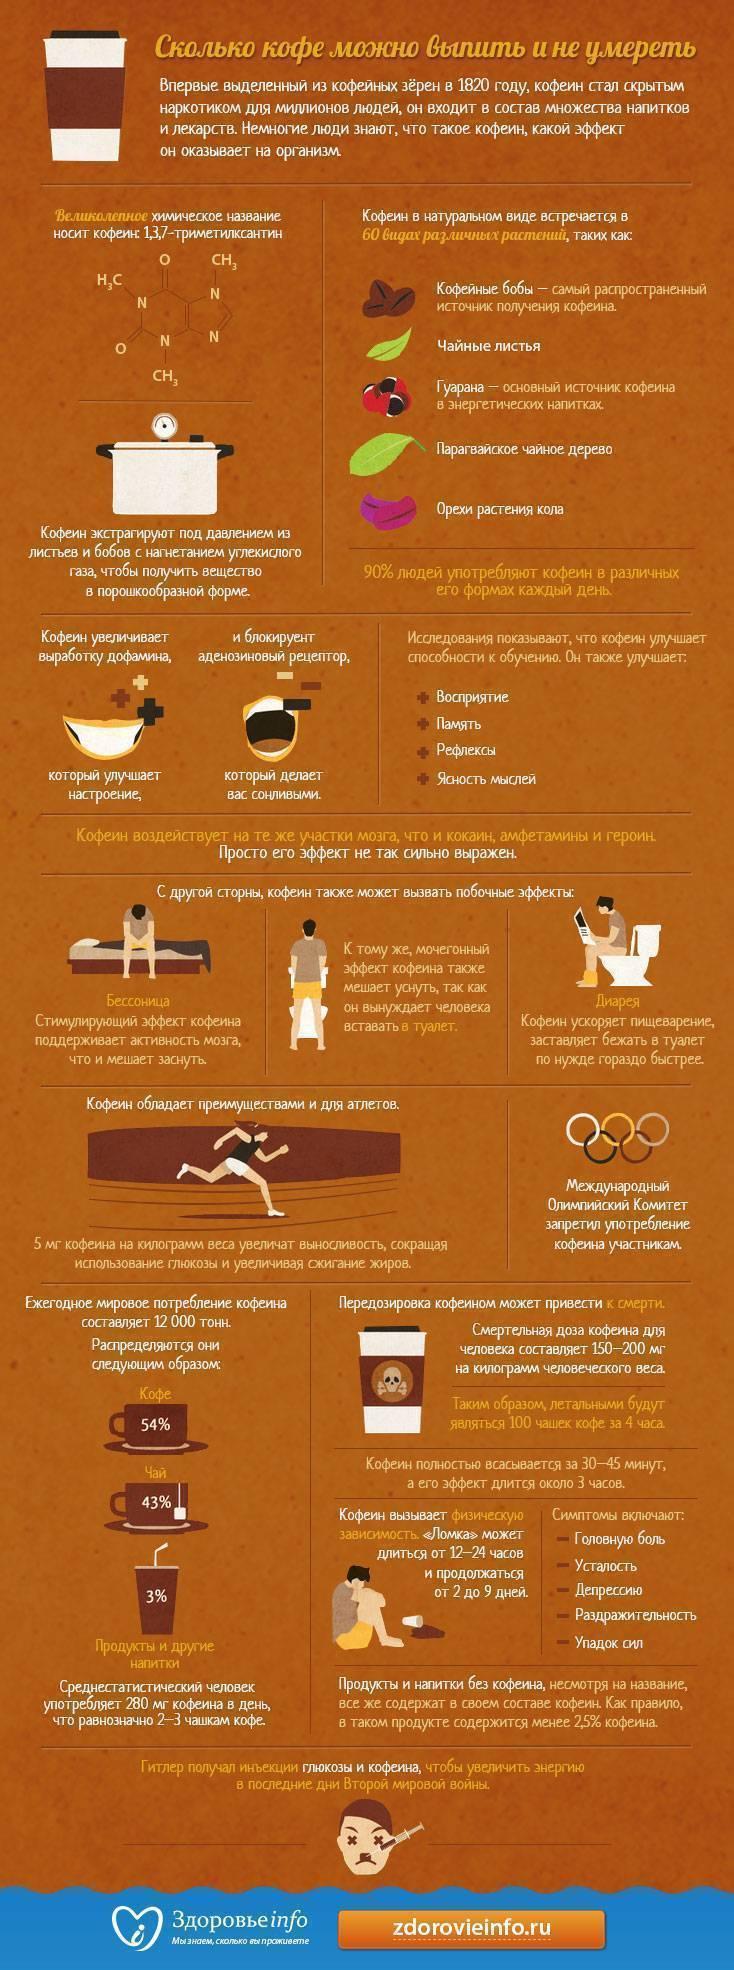 Польза и вред кофе для здоровья и влияние на организм